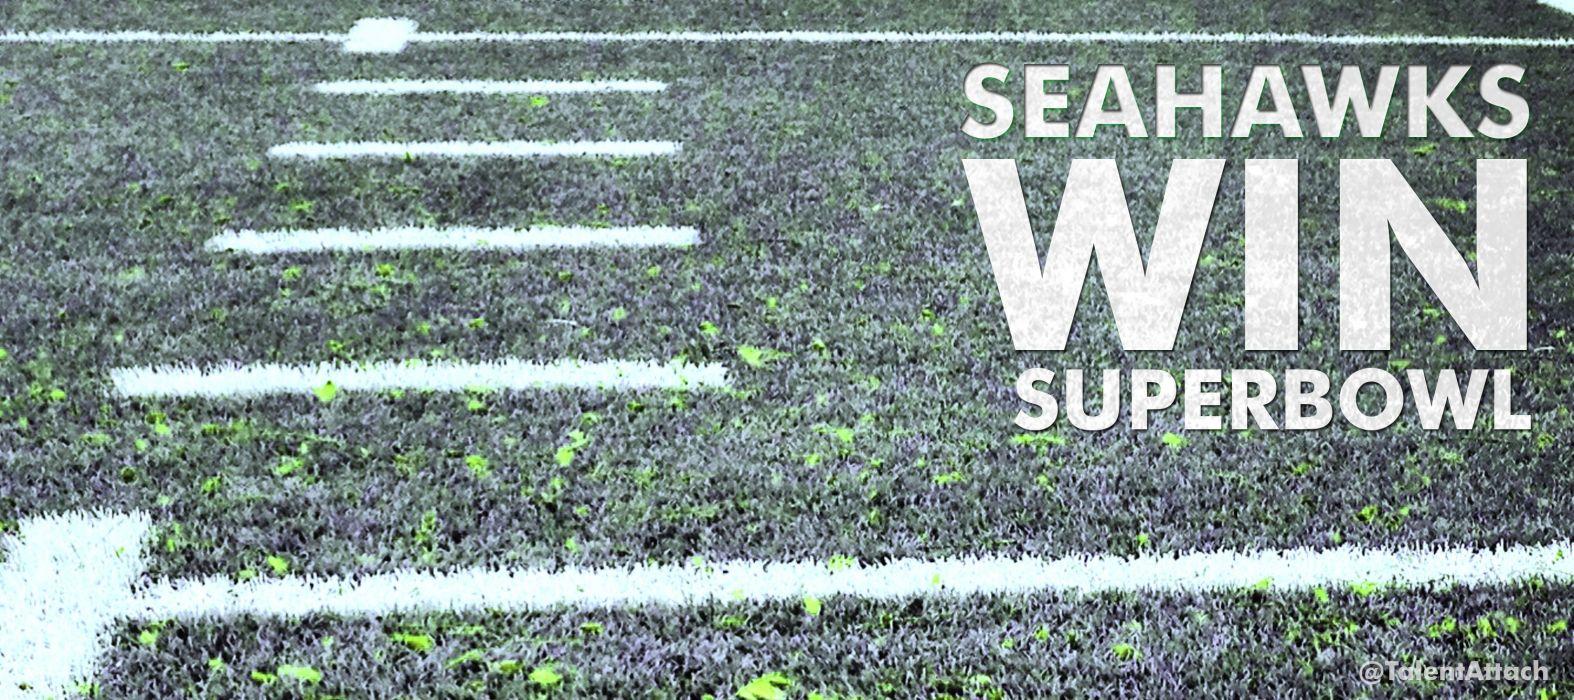 SEATTLE SEAHAWKS football nfl  f wallpaper